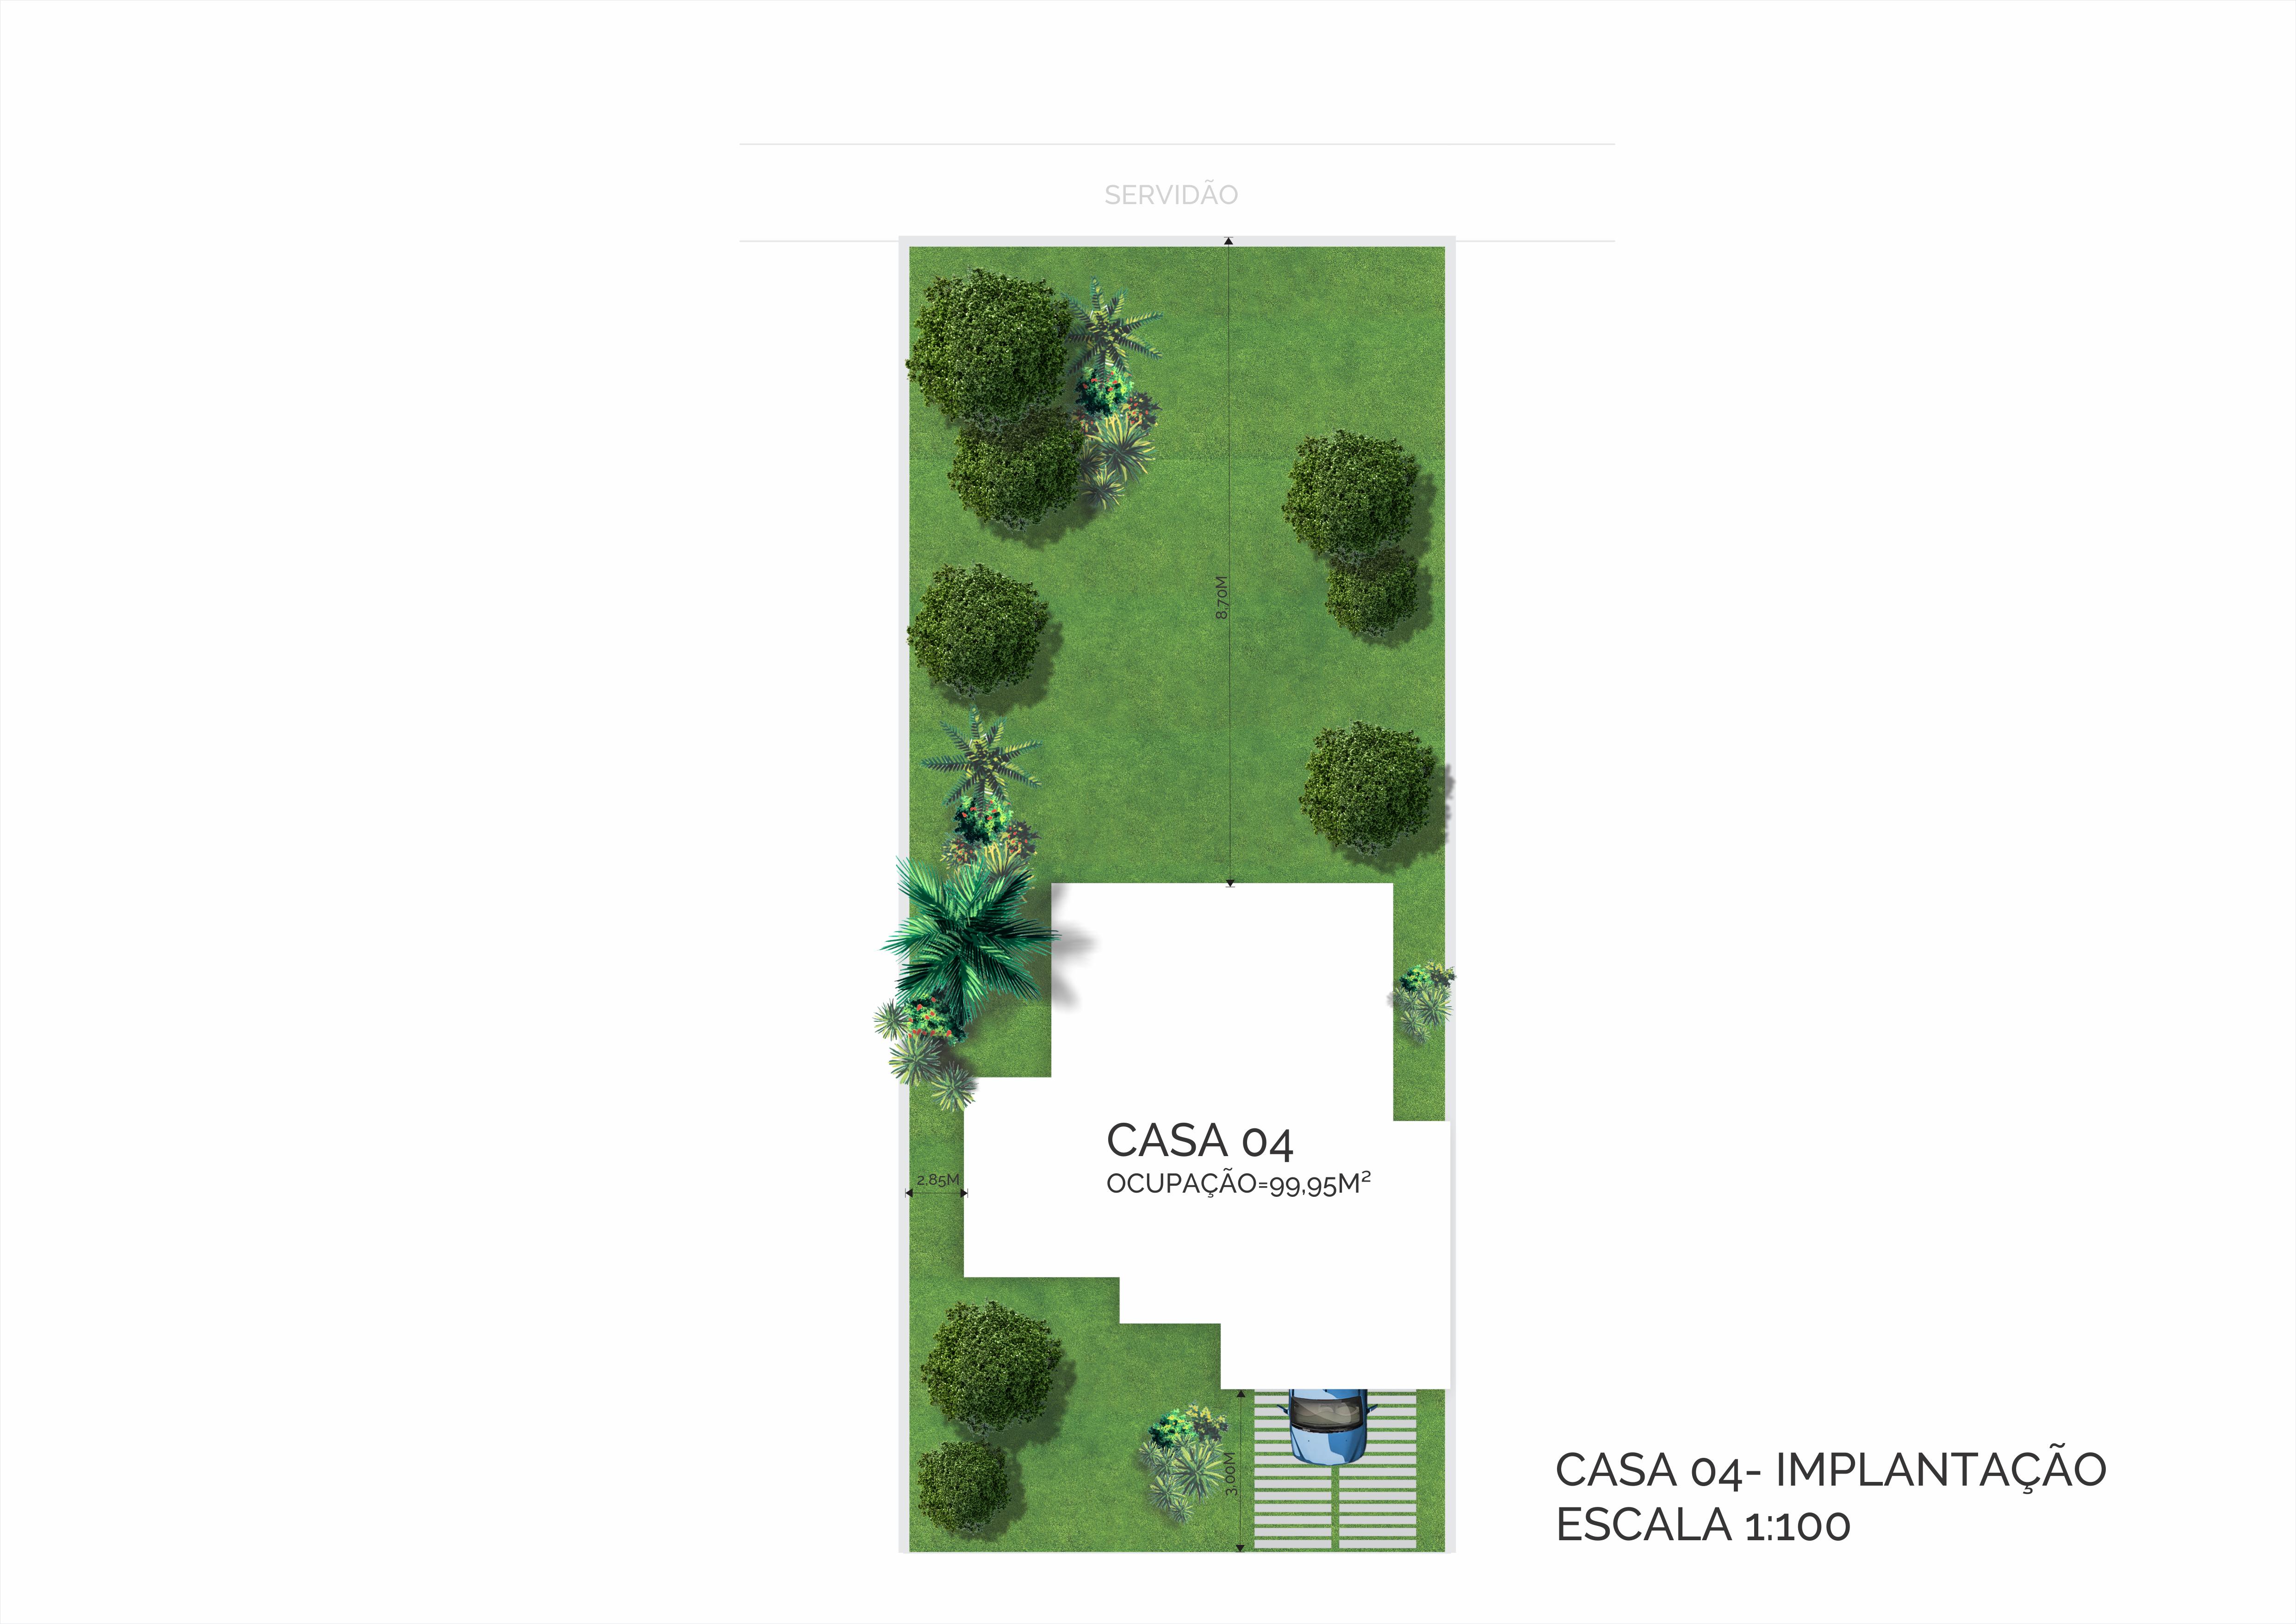 CASA 04-IMPLANTAÇÃO